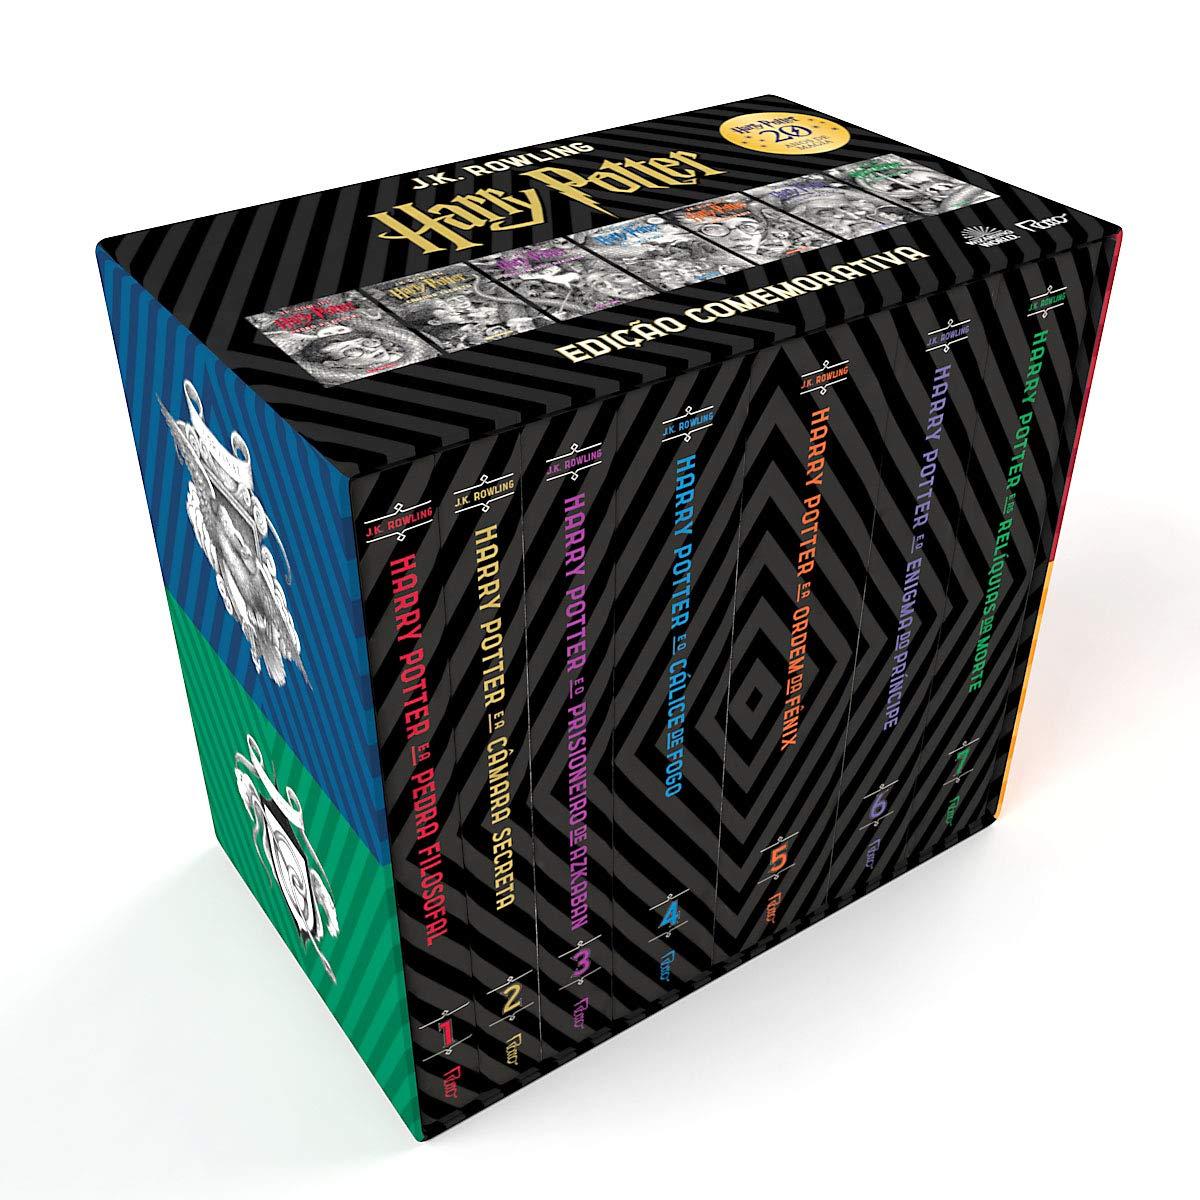 box comemorativo 20 anos de harry potter 7 livros capa dura com cards amazon com br harry potter 7 livros capa dura